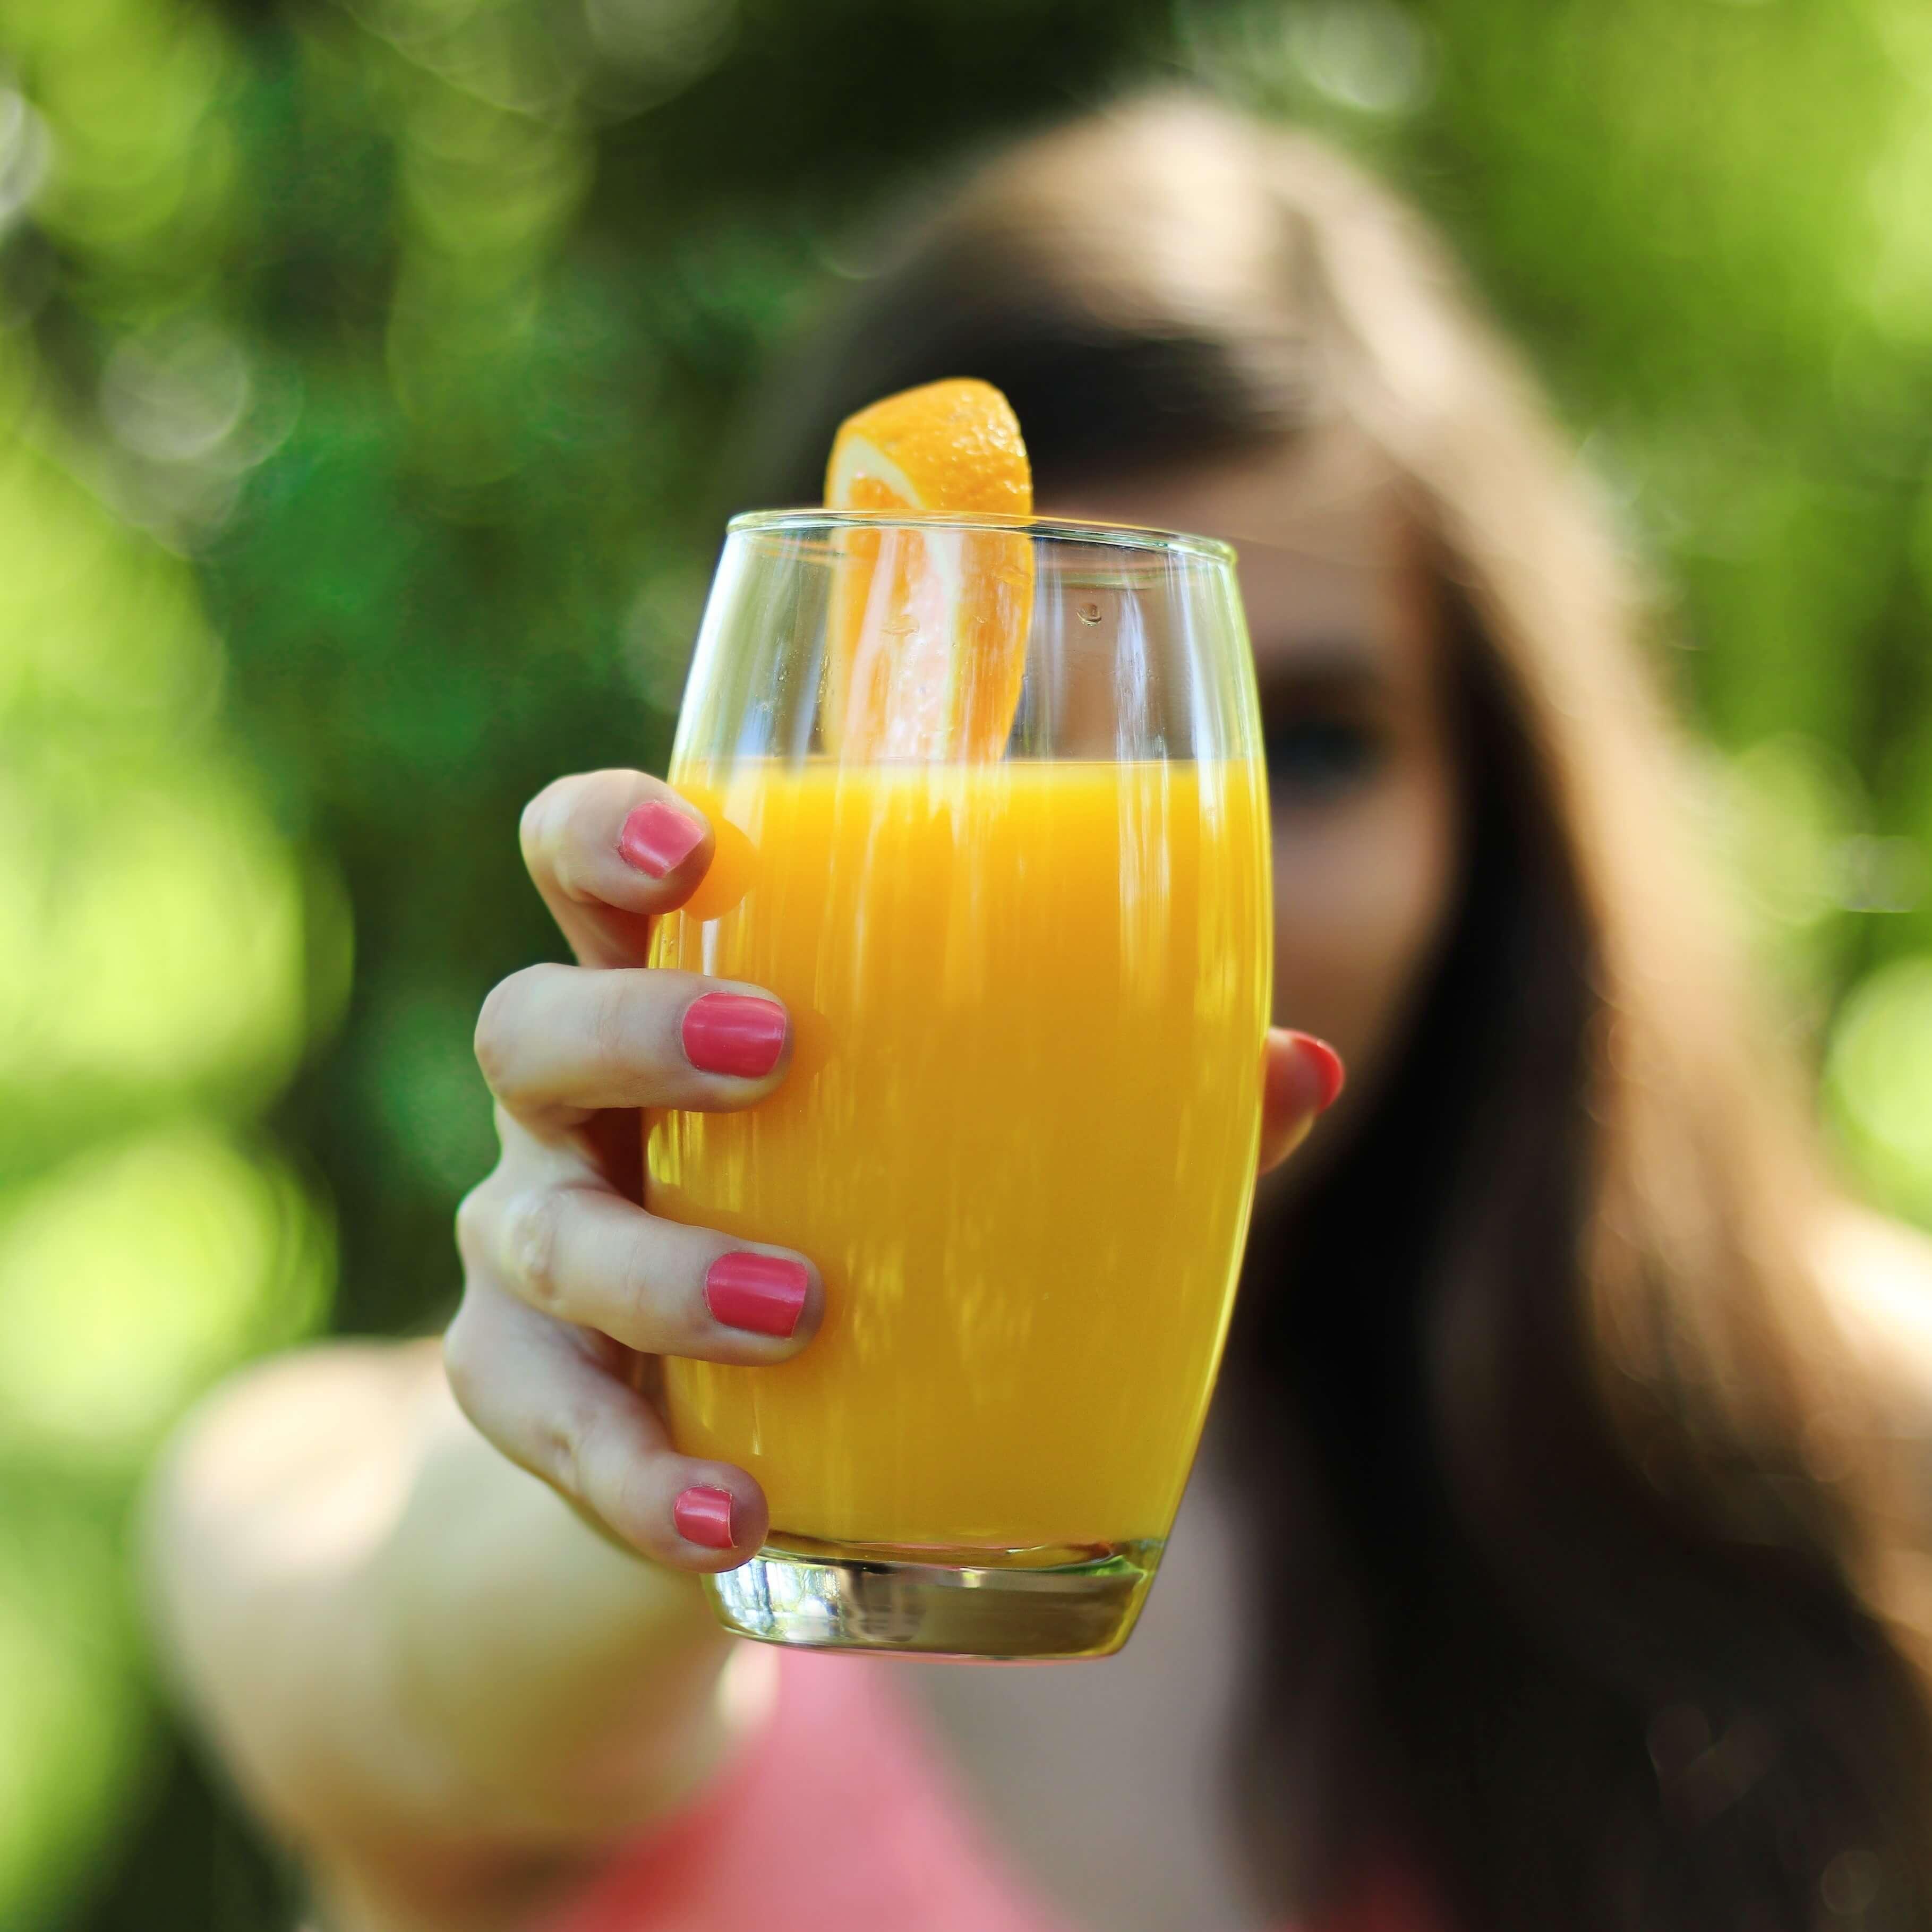 «Βιταμίνη D έλλειψη»: Συμπληρώματα & εμπλουτισμένα τρόφιμα για την αντιμετώπισή της